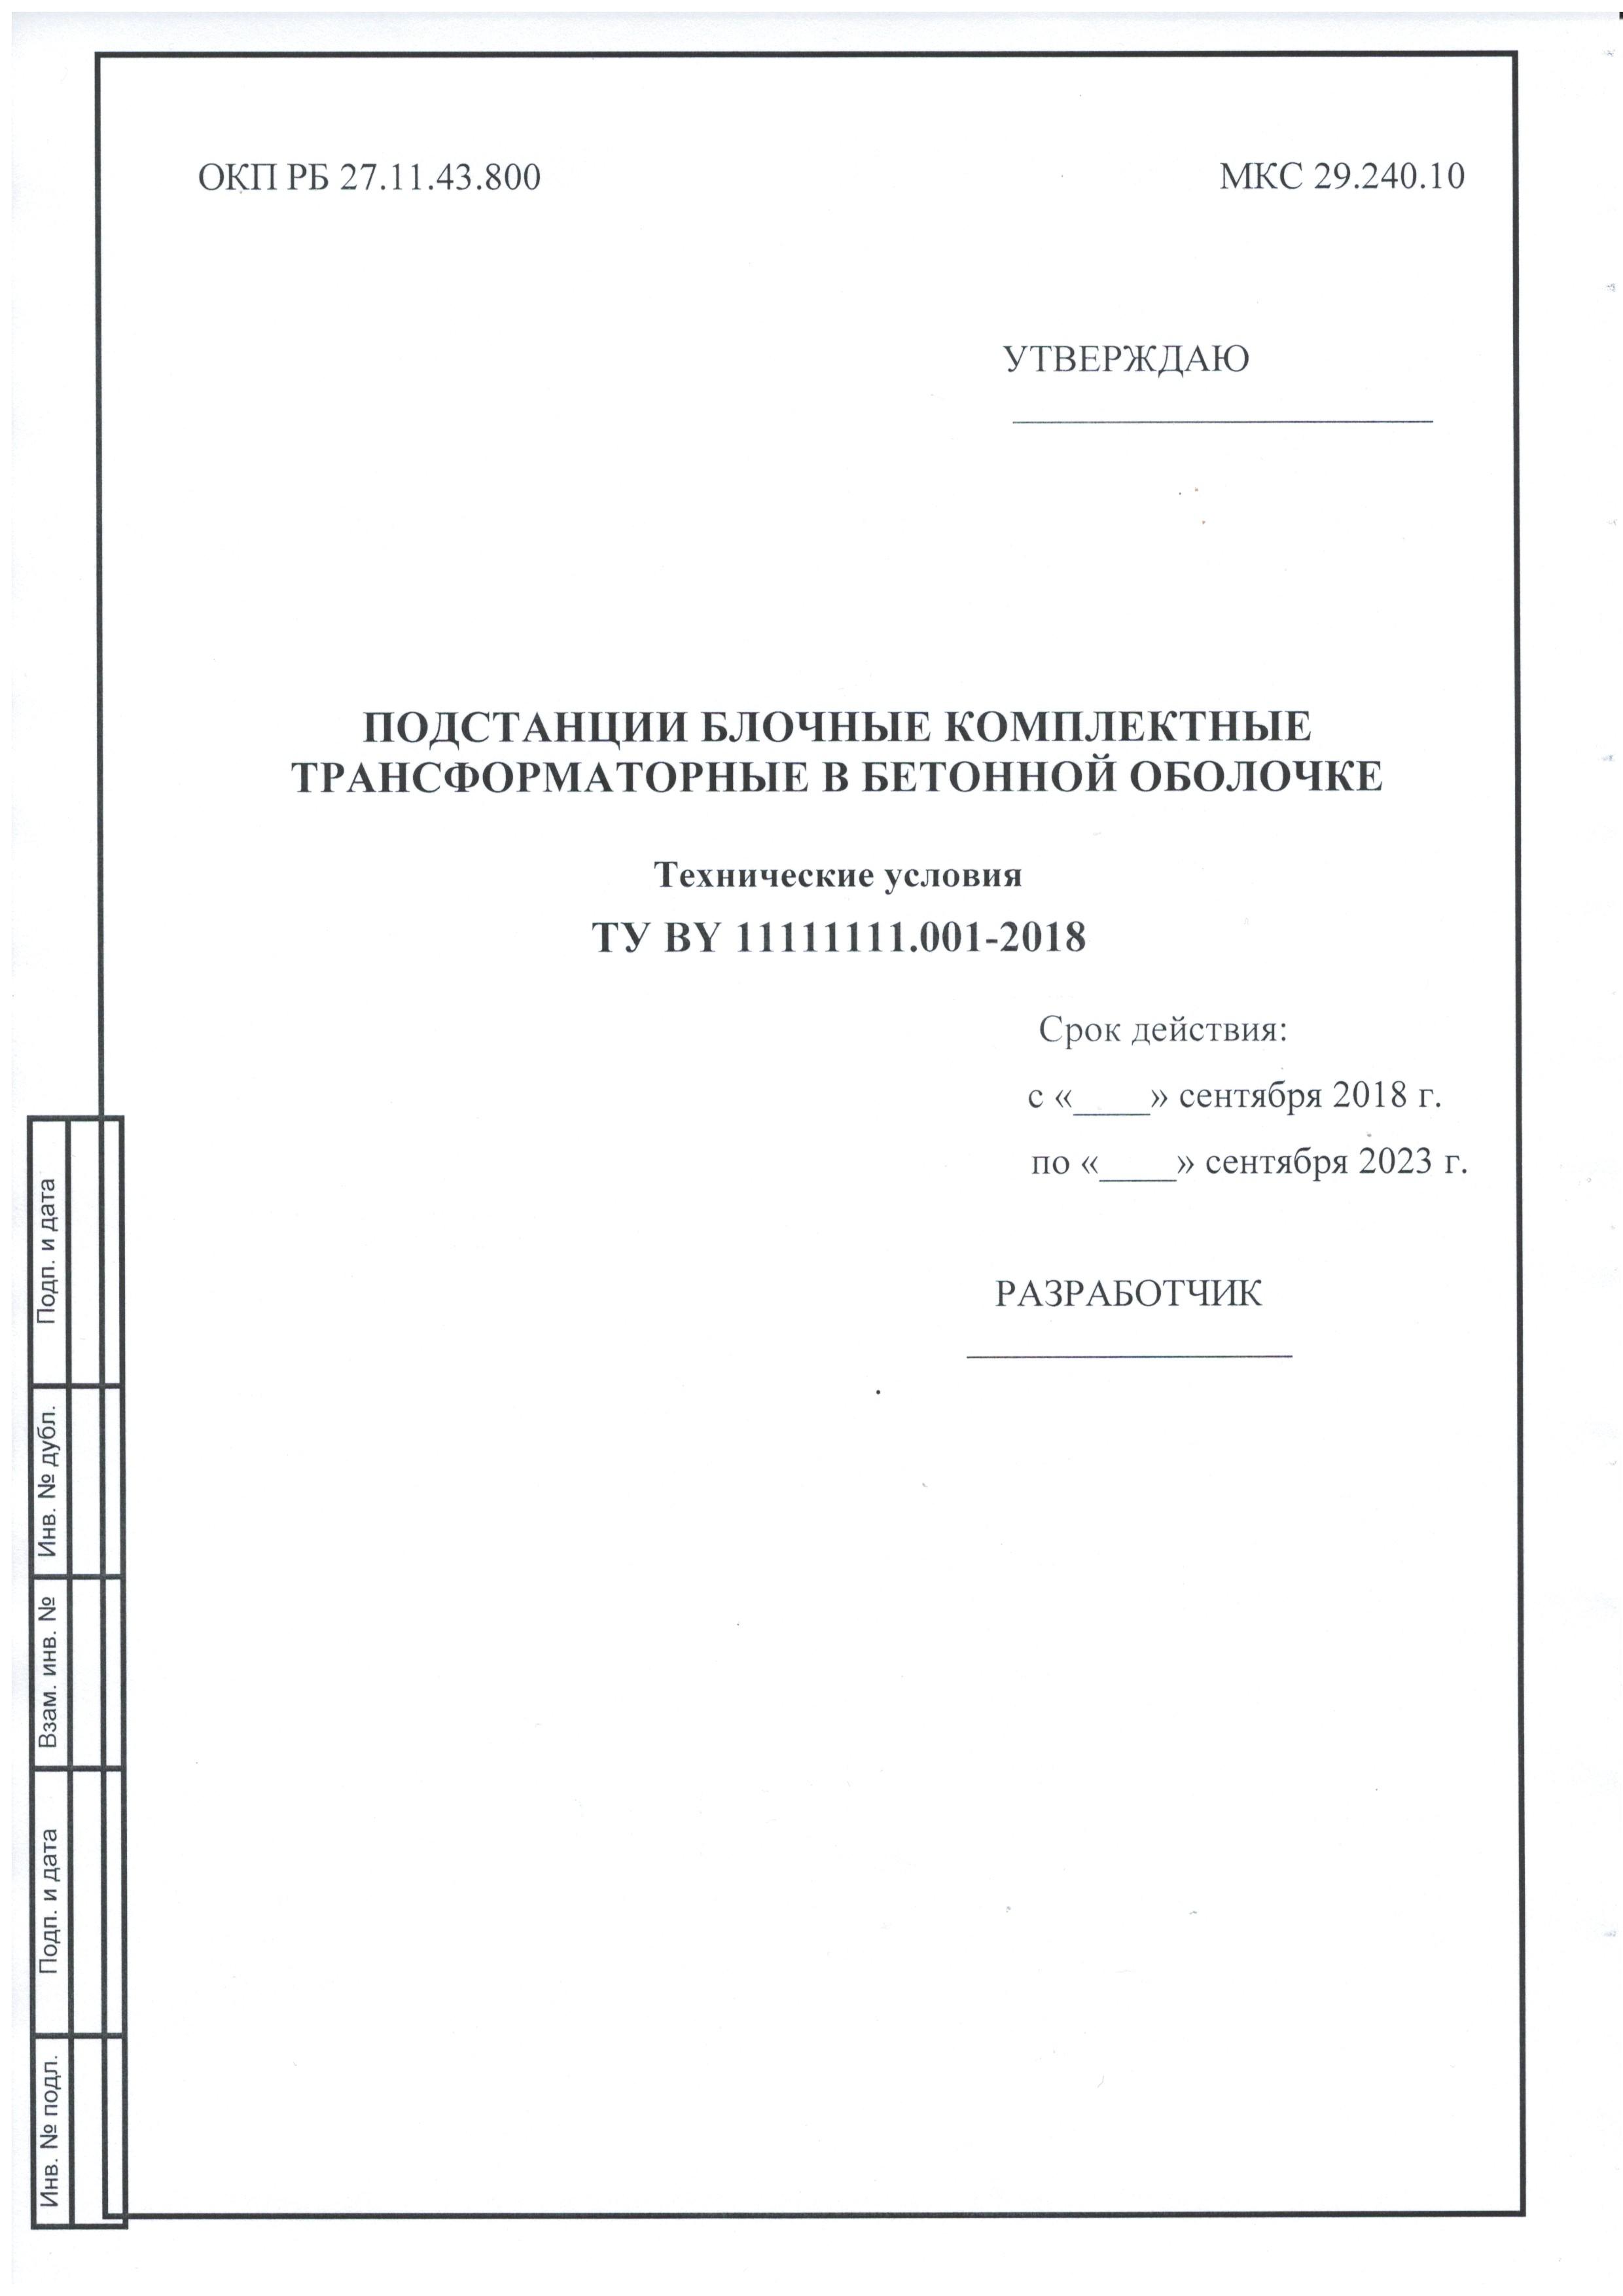 Разработка и регистрация ТУ